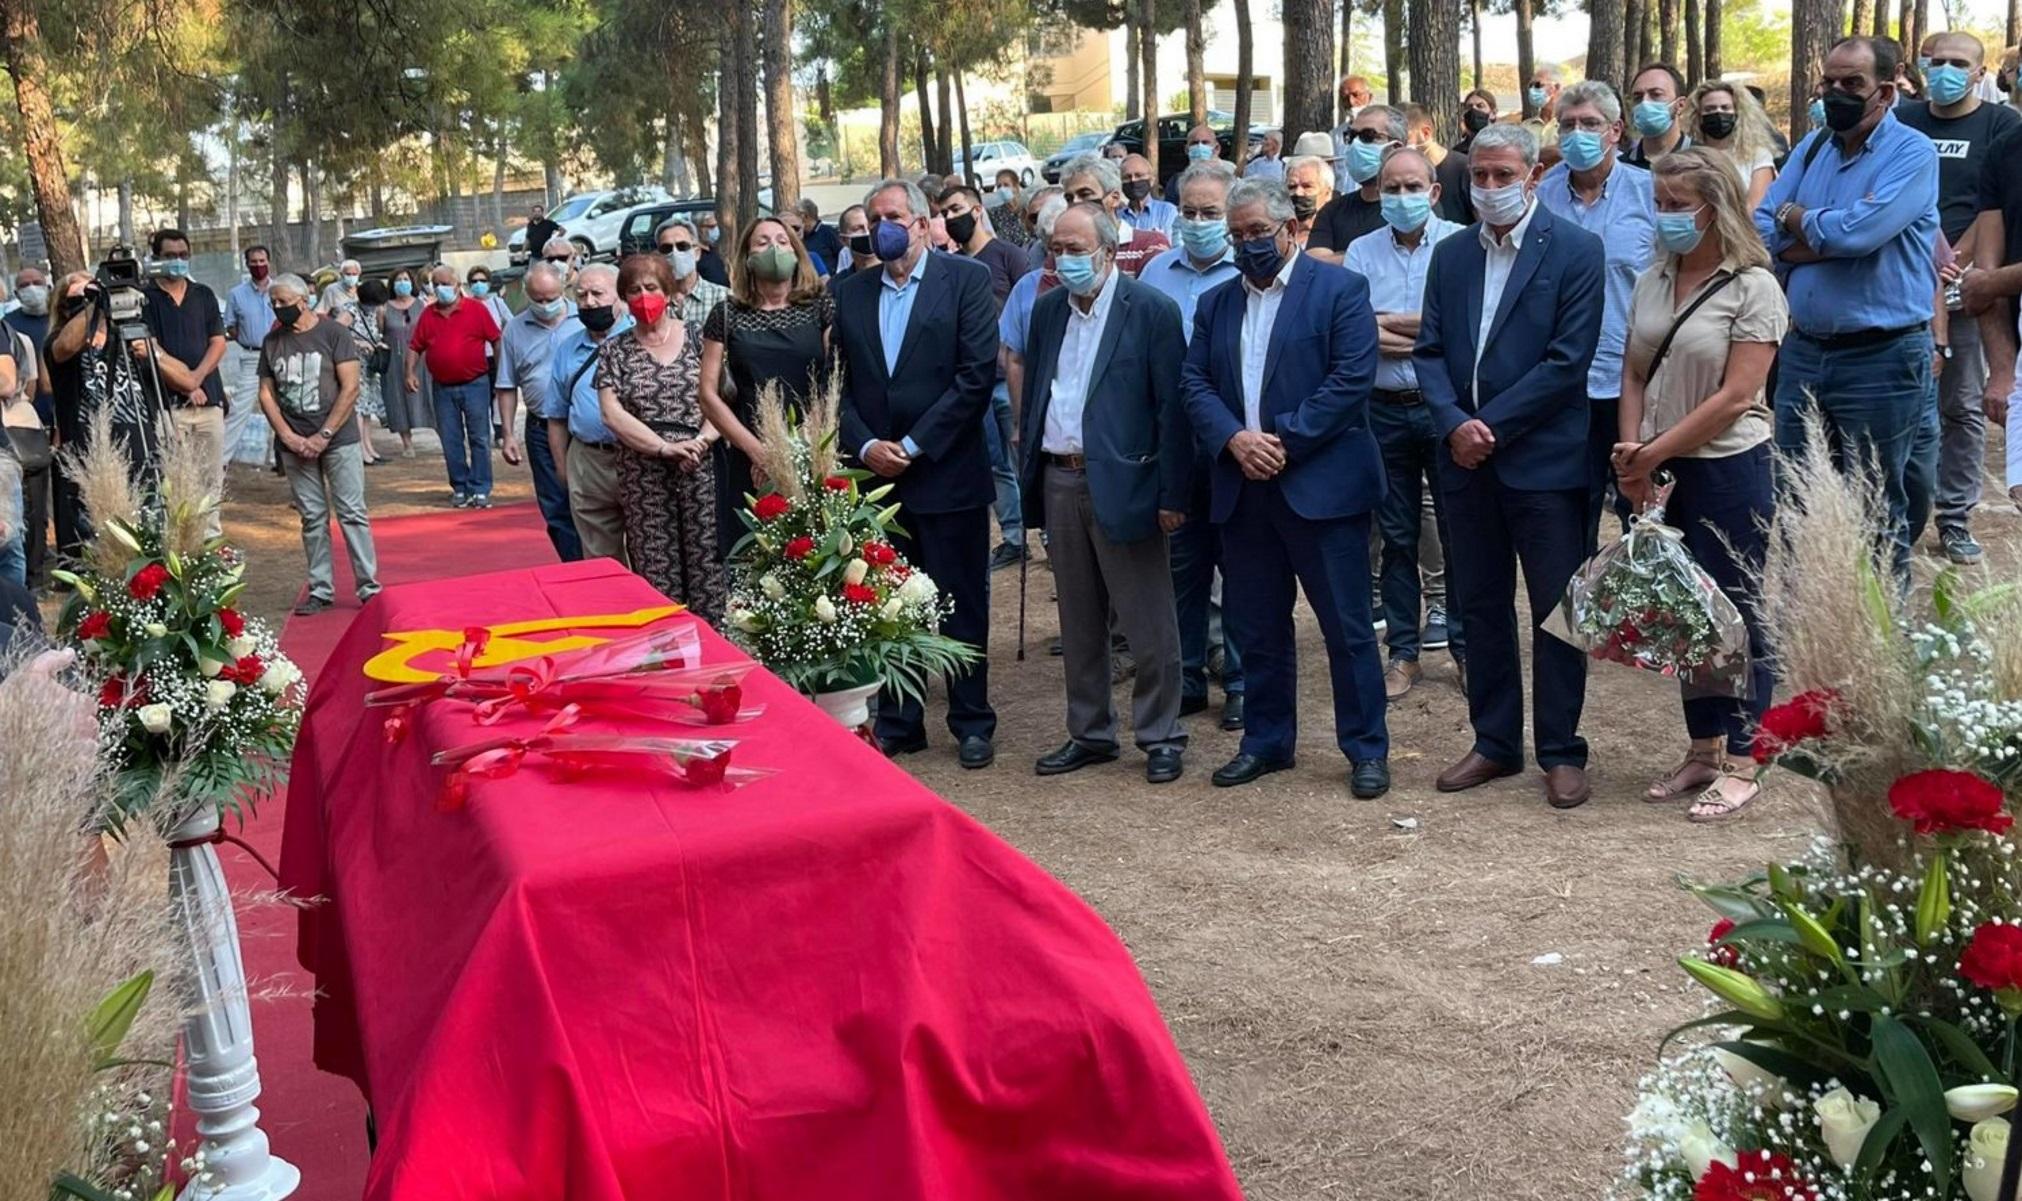 Αντώνης Σκυλλάκος: Σε κλίμα οδύνης το τελευταίο αντίο στο ιστορικό στέλεχος του ΚΚΕ